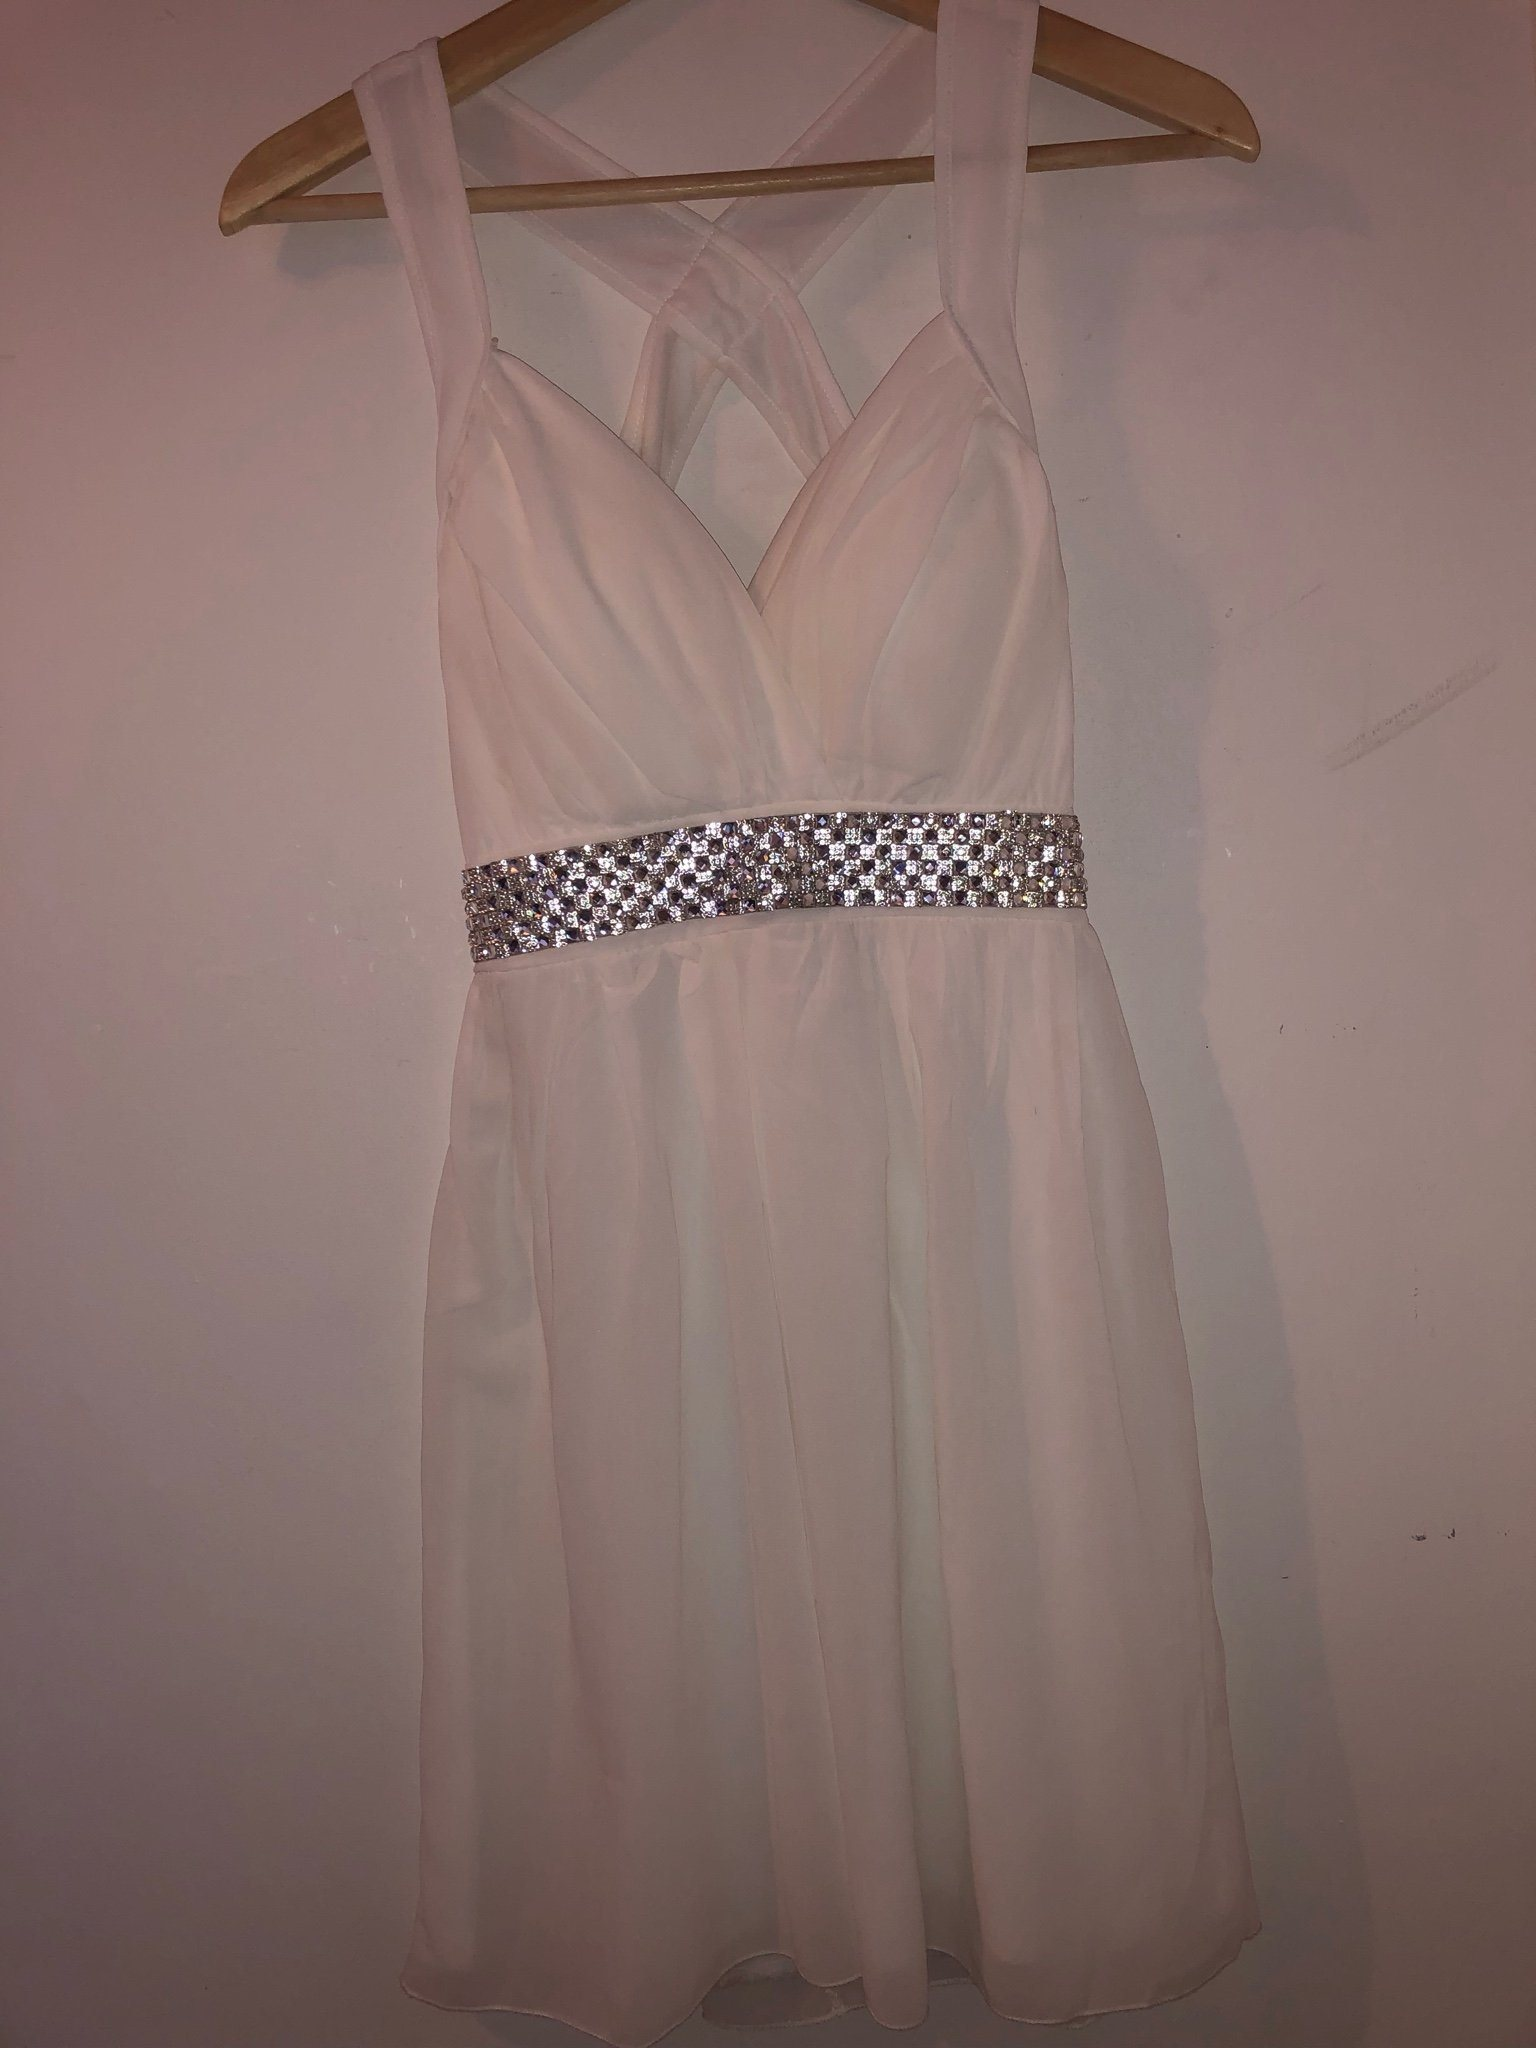 4b1edd8aaf4f Studentklänning Vit klänning med strass storlek.. (344633841) ᐈ Köp ...